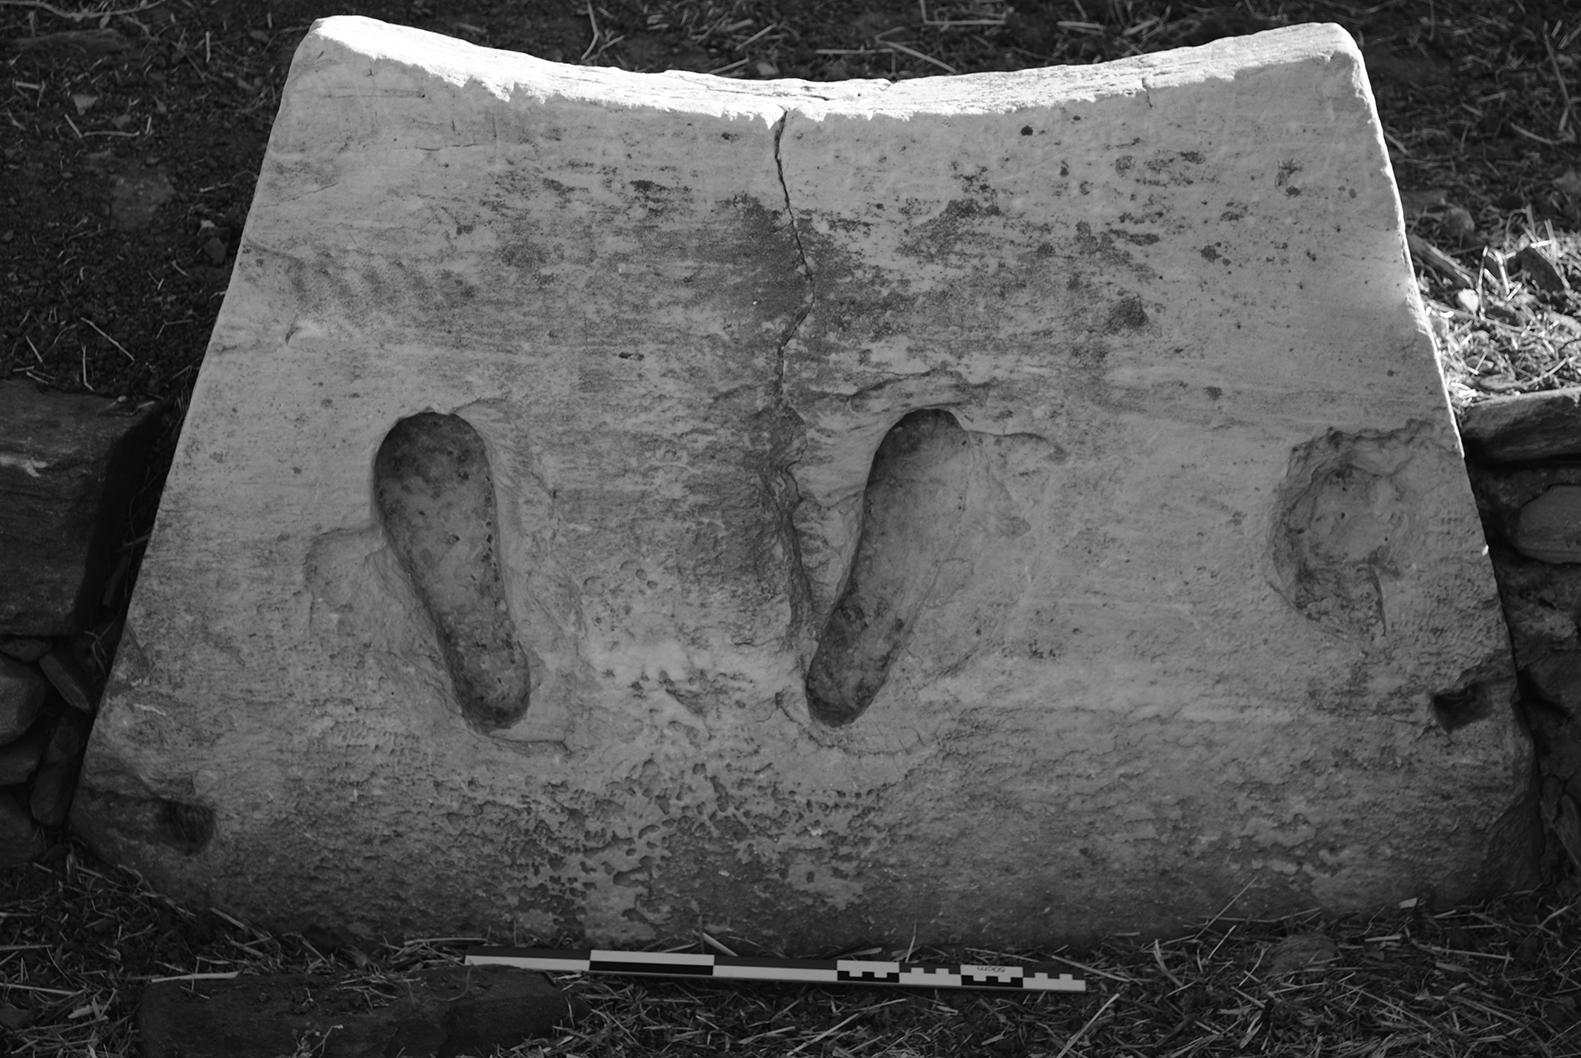 Βάση χάλκινου αγάλματος από ημικυκλική εξέδρα, άνω άνδηρο